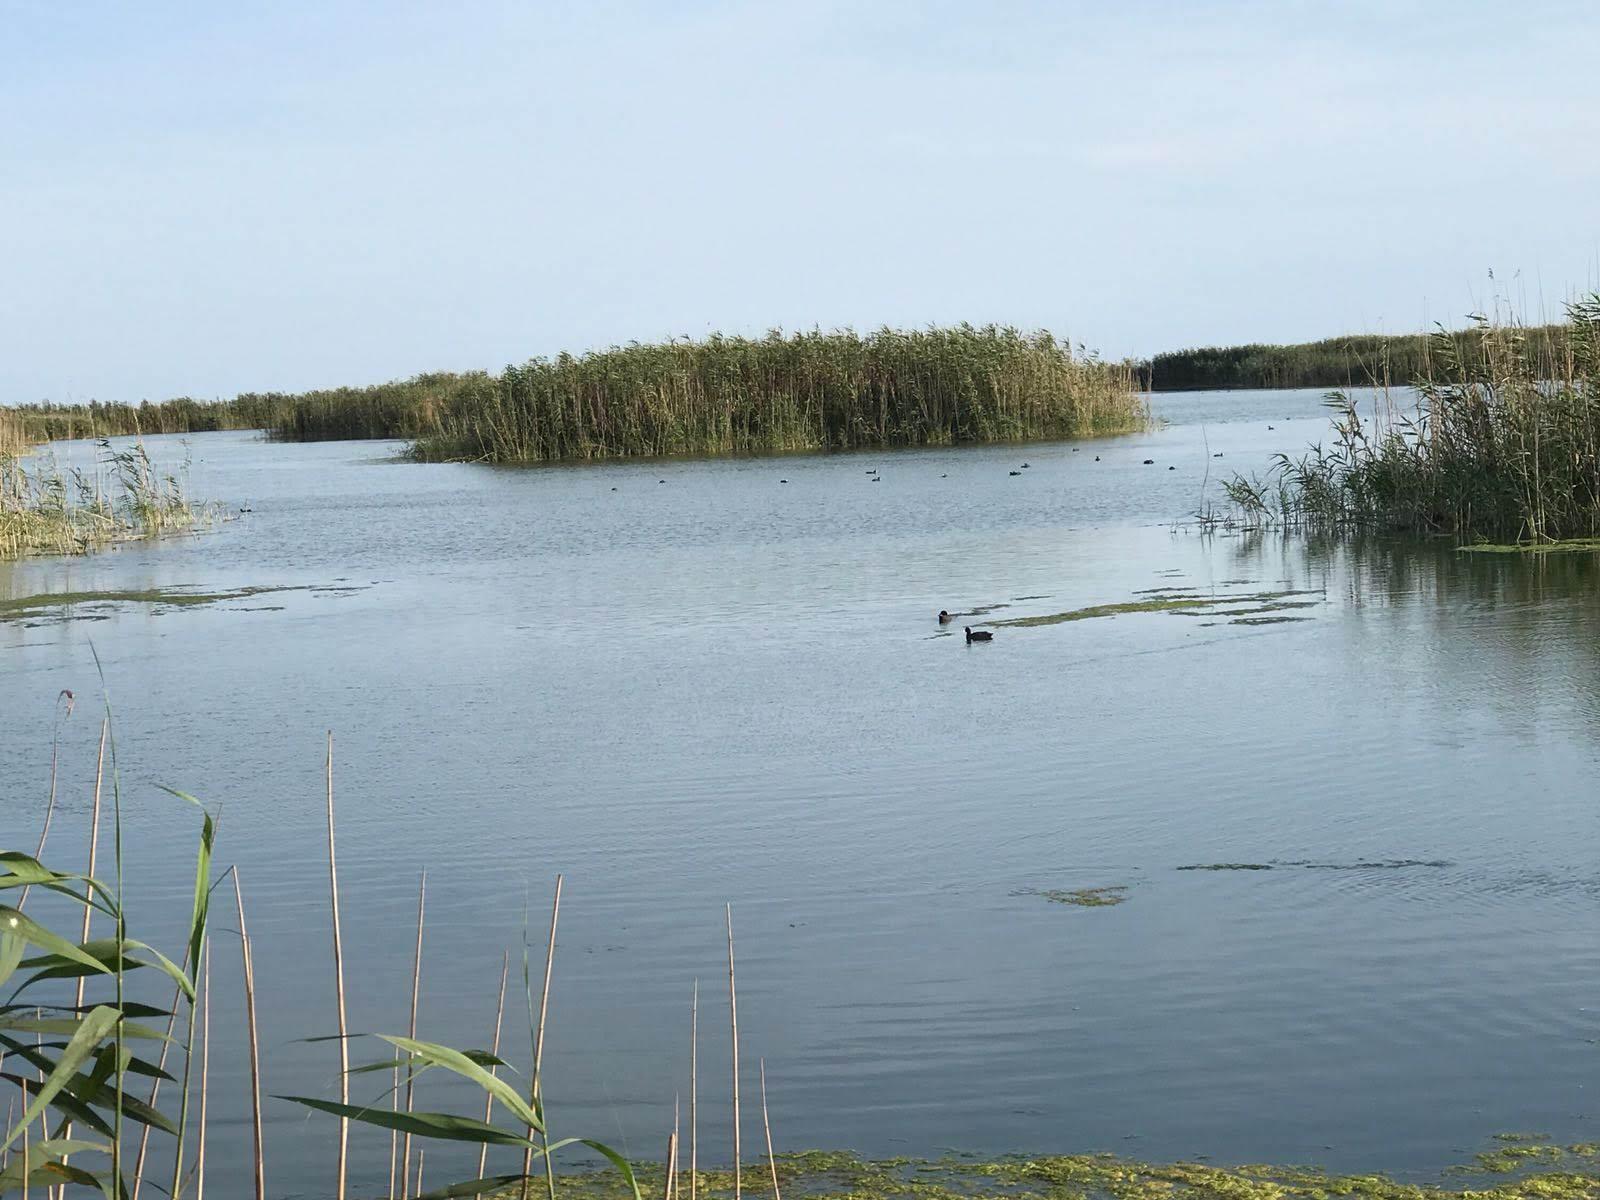 la bellezza del Parco Naturale Regionale, sul litorale di Ugento nel Salento